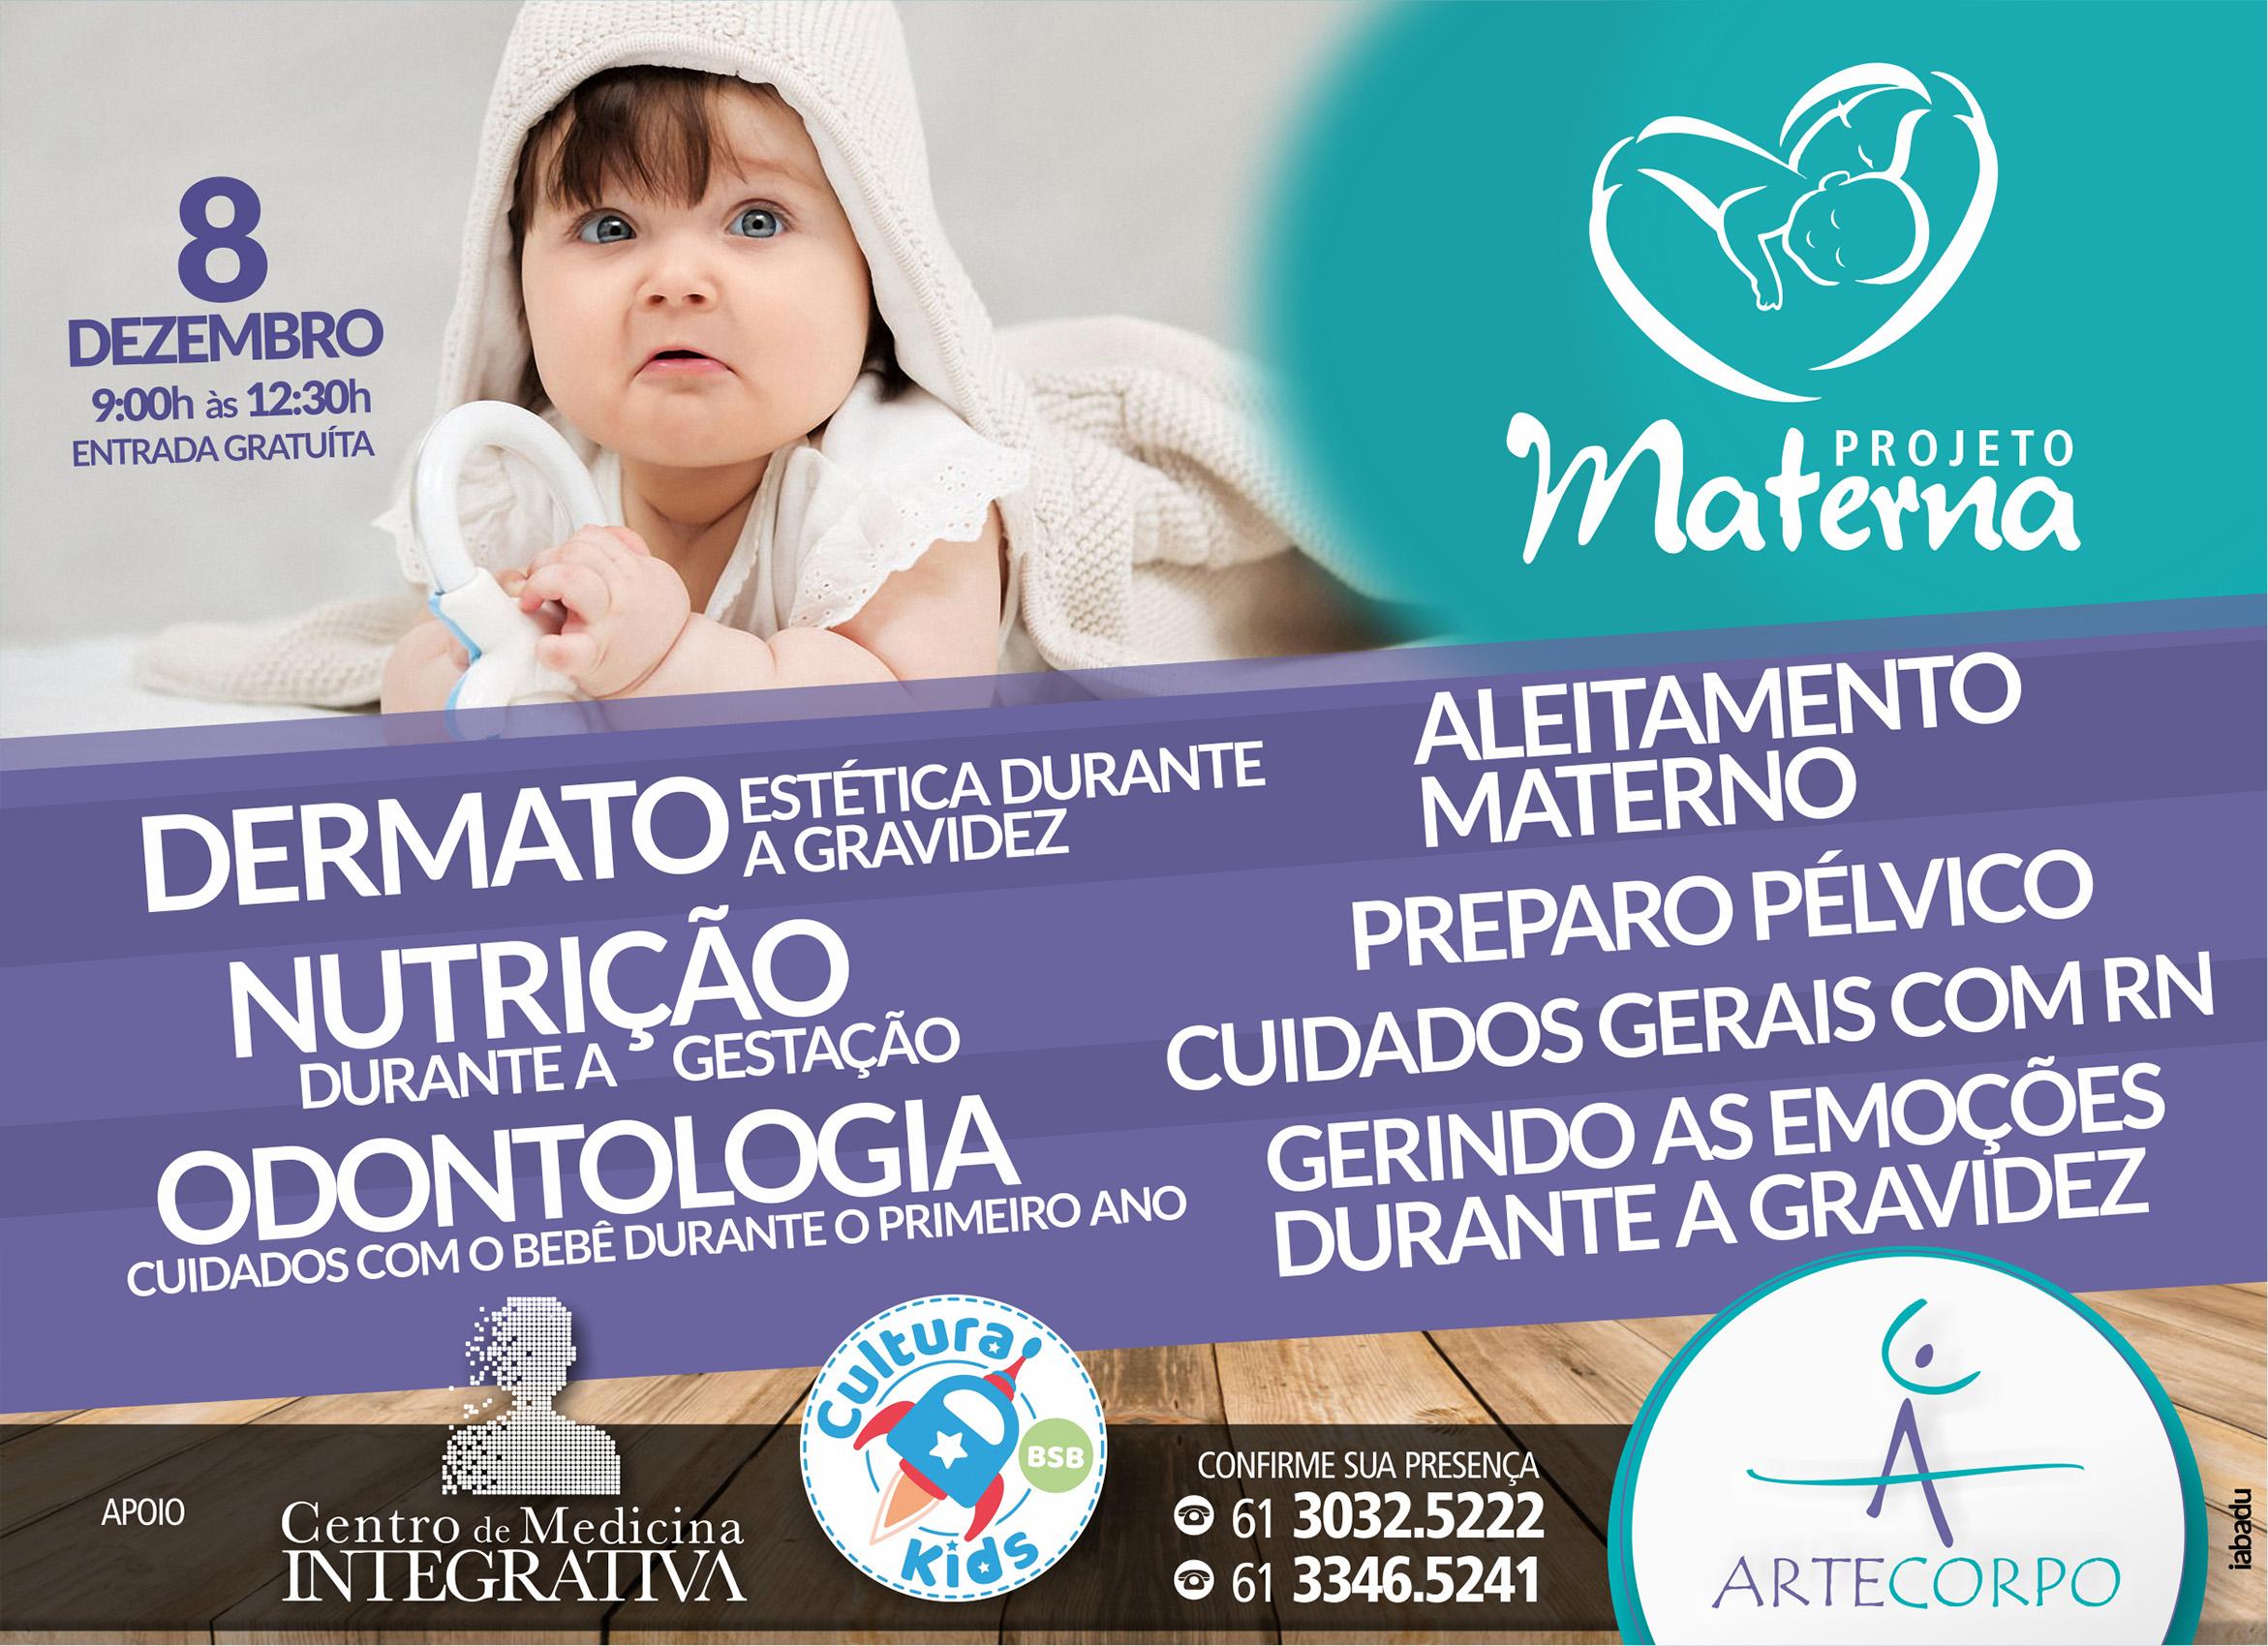 11-06-18_Midia_IG_FB_ArteCorpo_ProjetoMaterna_1